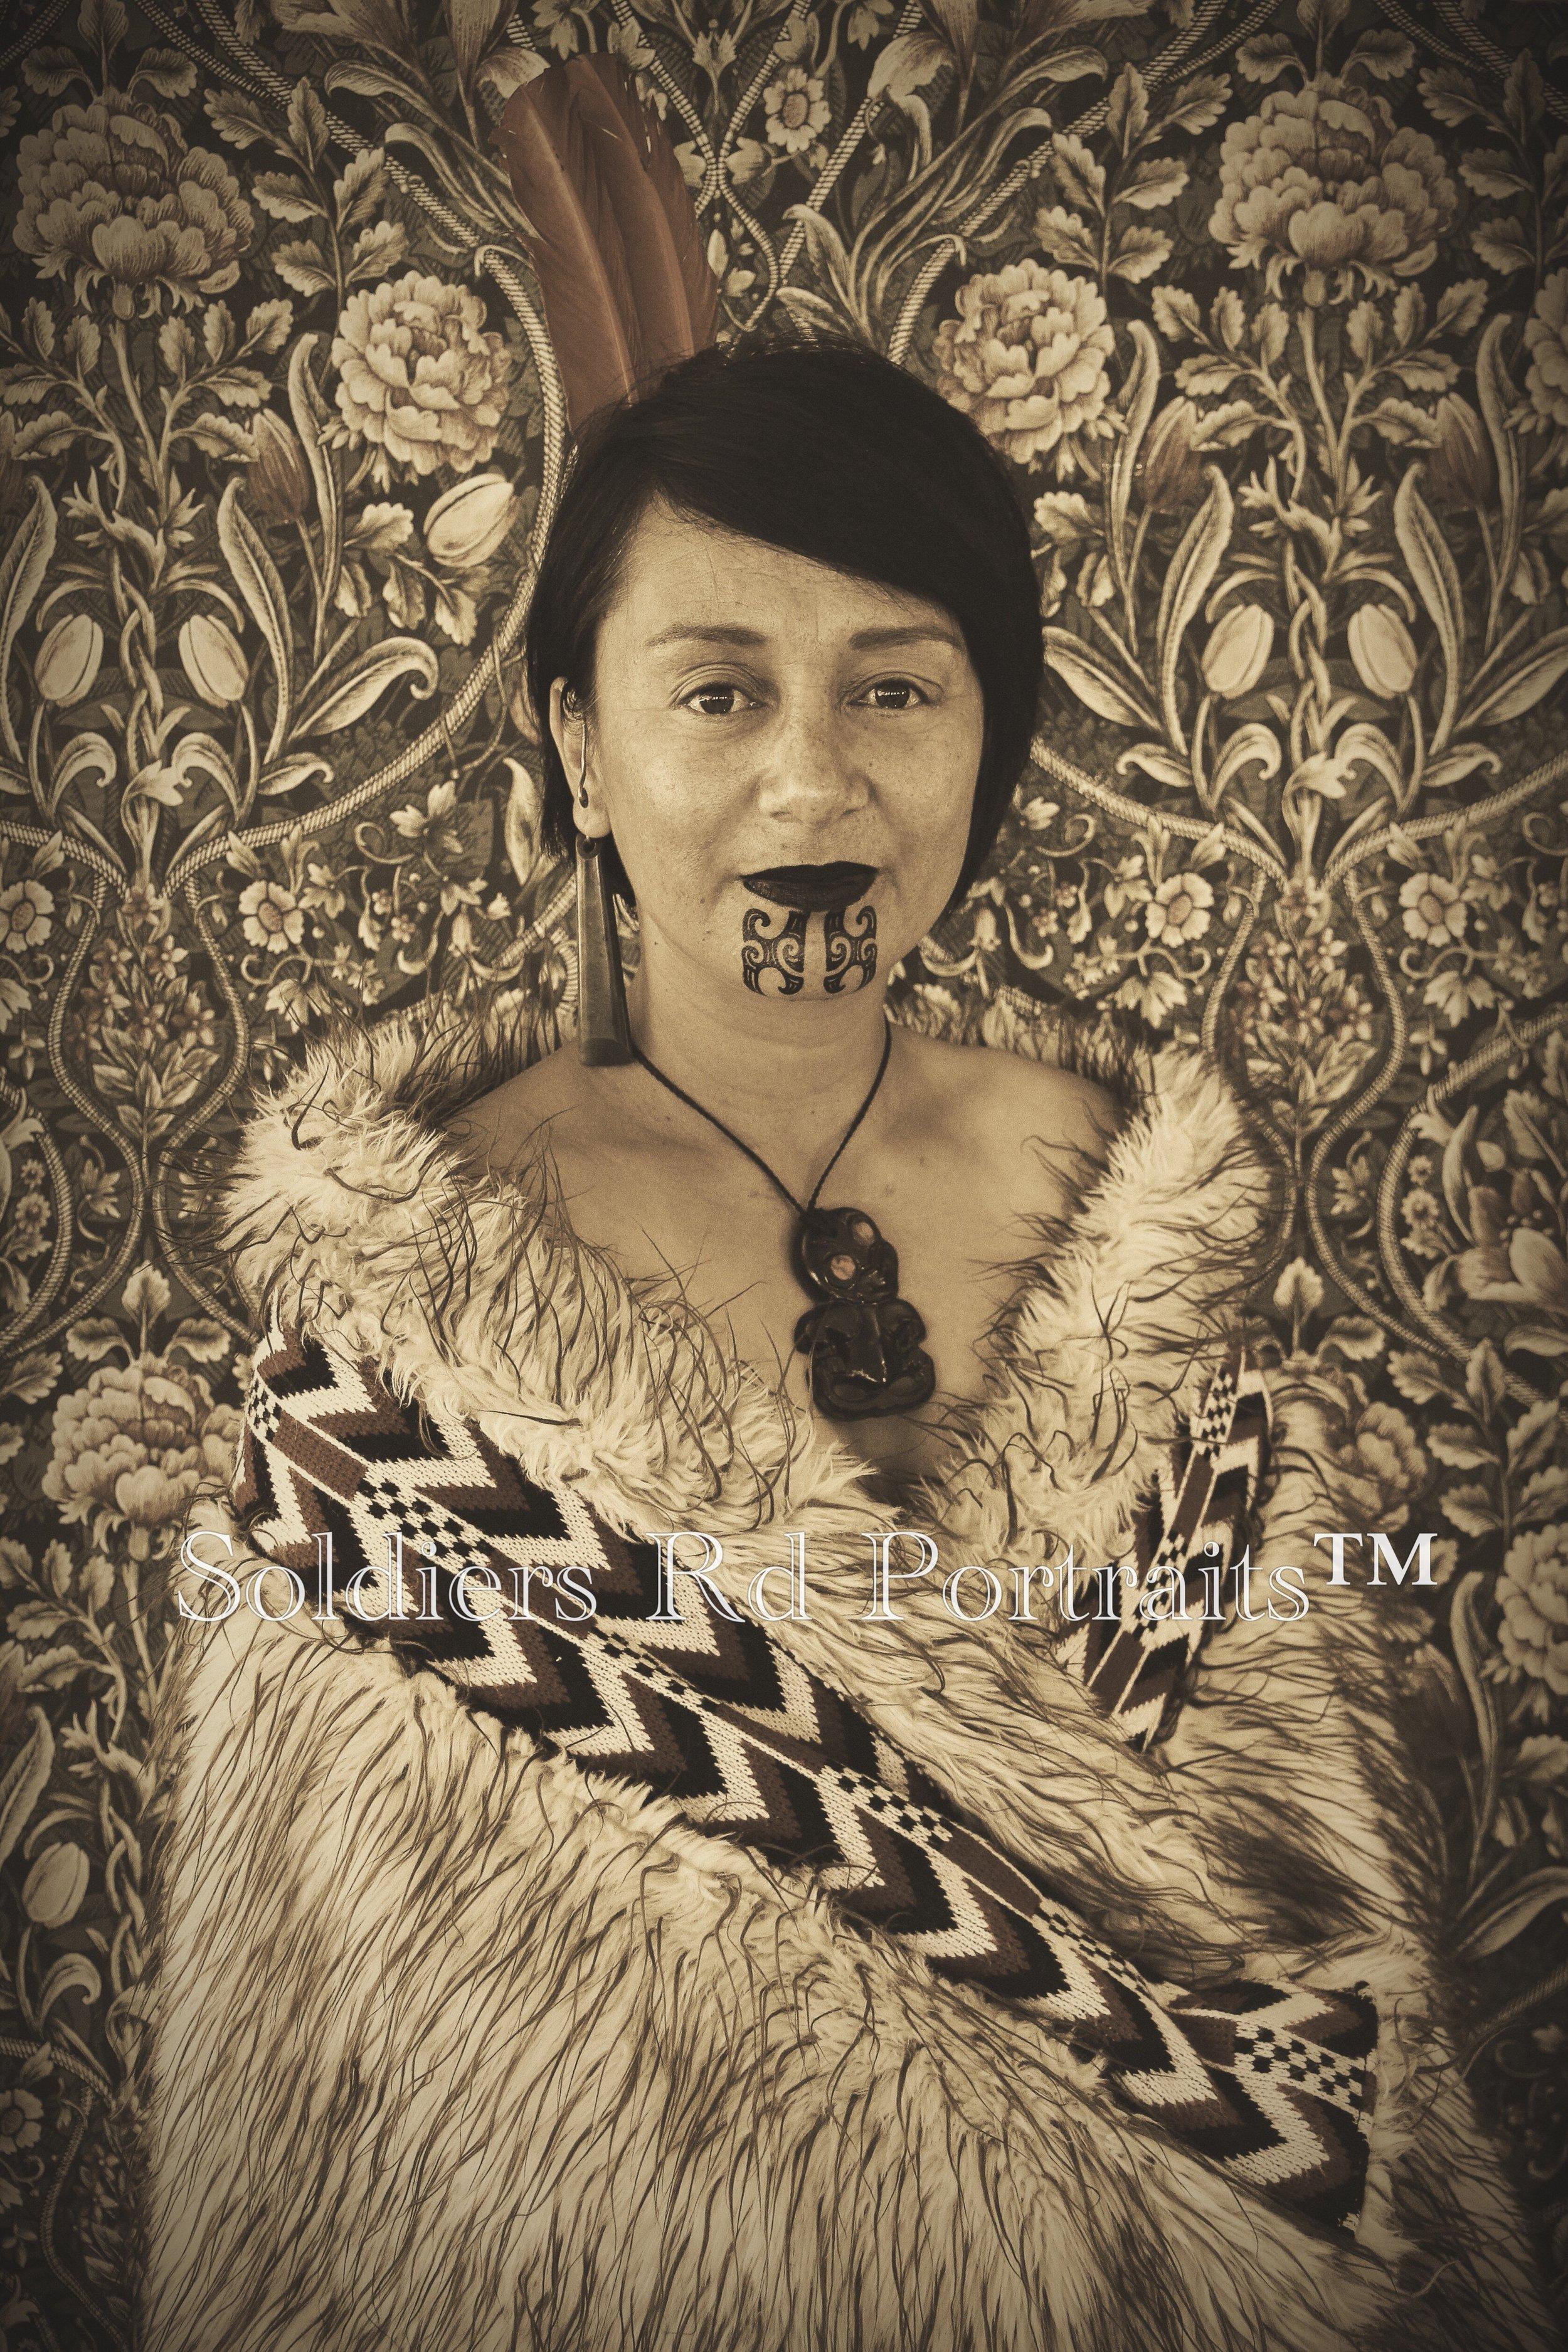 Tracey Lee - SOCIAL WORKER WHARE 4 WHANAUKo Pūtauaki te maungaKo Tarawera te awa, te Awa o te AtuaKo te moana ā Toi ki te huatahiKo Mataatua me Te Arawa ngā wakaKo Ngāti Awa, Ngāti Tūwharetoa, Te Arawa ngā iwiKo Te Tawera, me Ngāti Umutahi, me Ngā Maihi ngā hapūKo Oniao me Tu Teao ngā maraeKo Matata me Te Teko te kāingaKo Pateriki rāua ko Pirihita Ngamare te whānauNgā mihi nuiMy passion for helping others came to light at the age of 14 years old. Life experiences pre 14 served as a platform to recognize there were a lot of things wrong in the world, wrong in some families and wrong with some people. I also held the belief our children needed